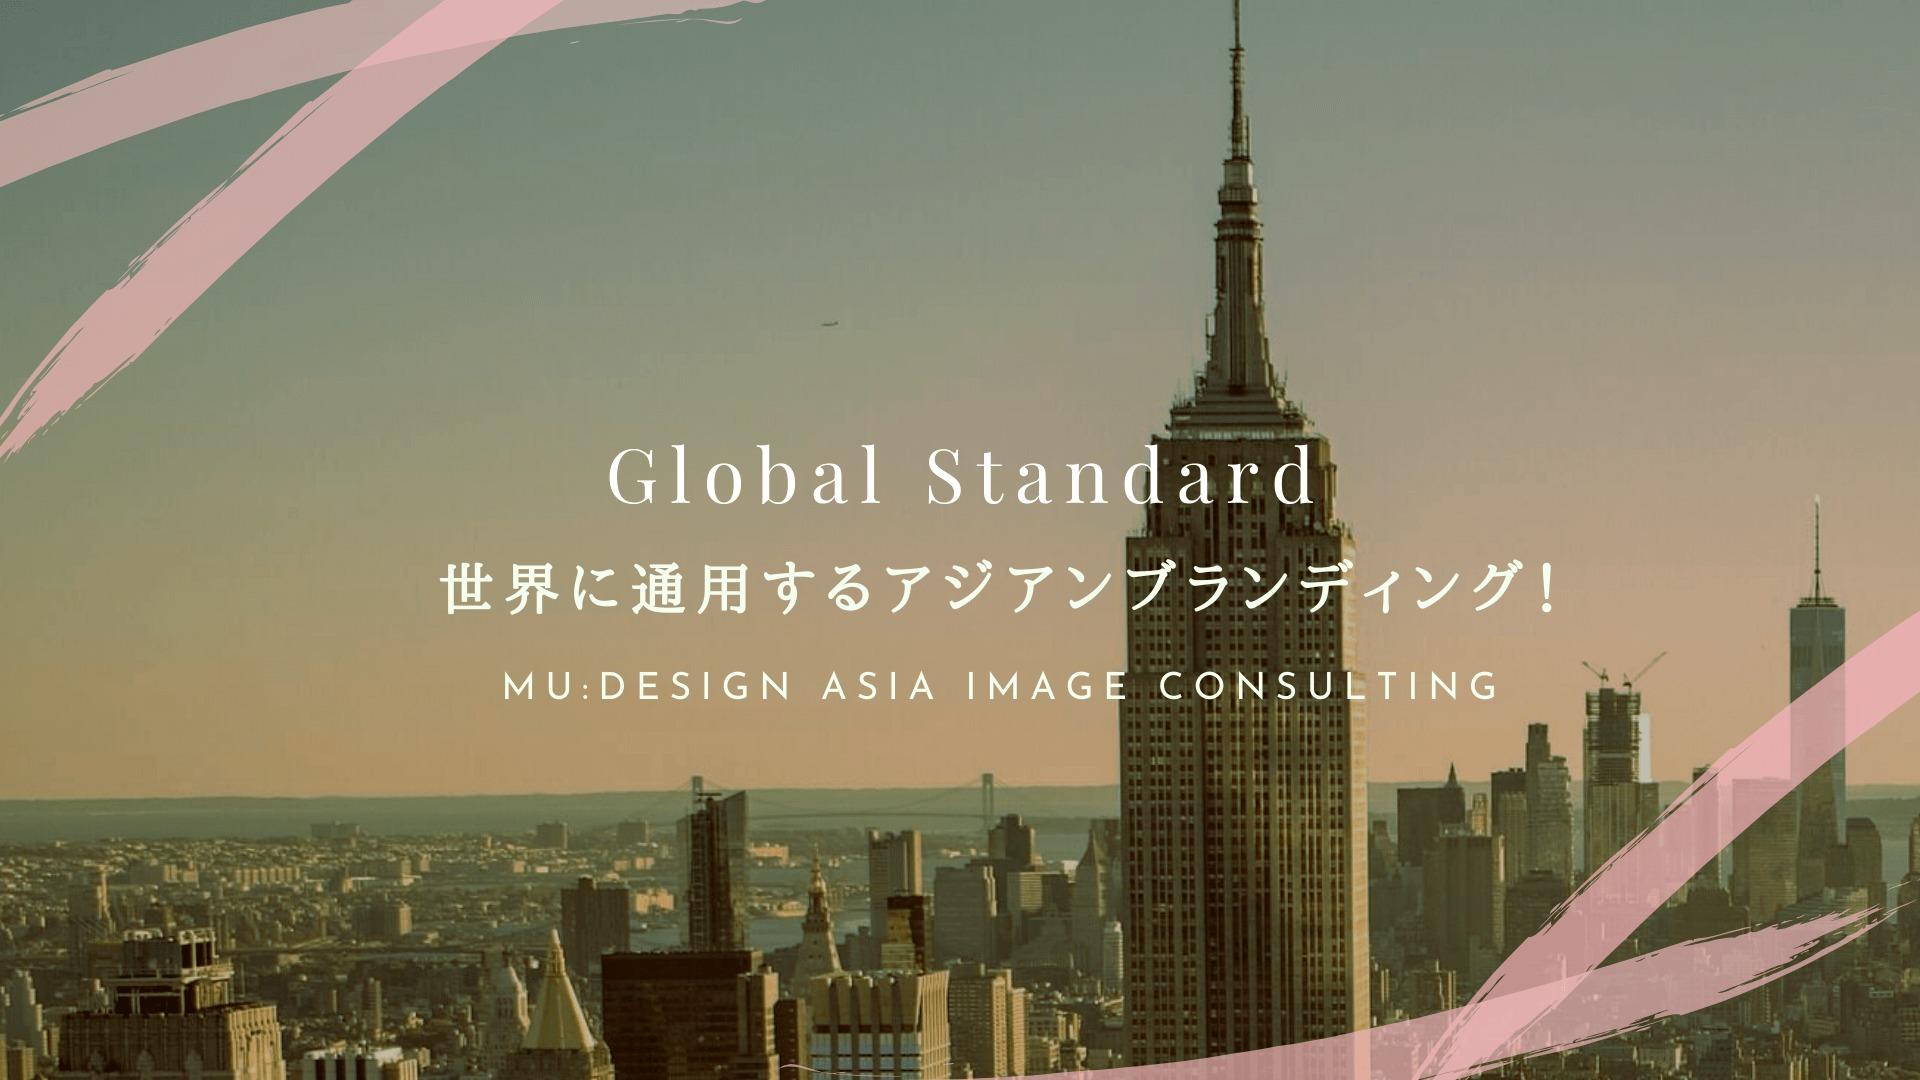 グローバルスタンダートなイメージコンサルティング